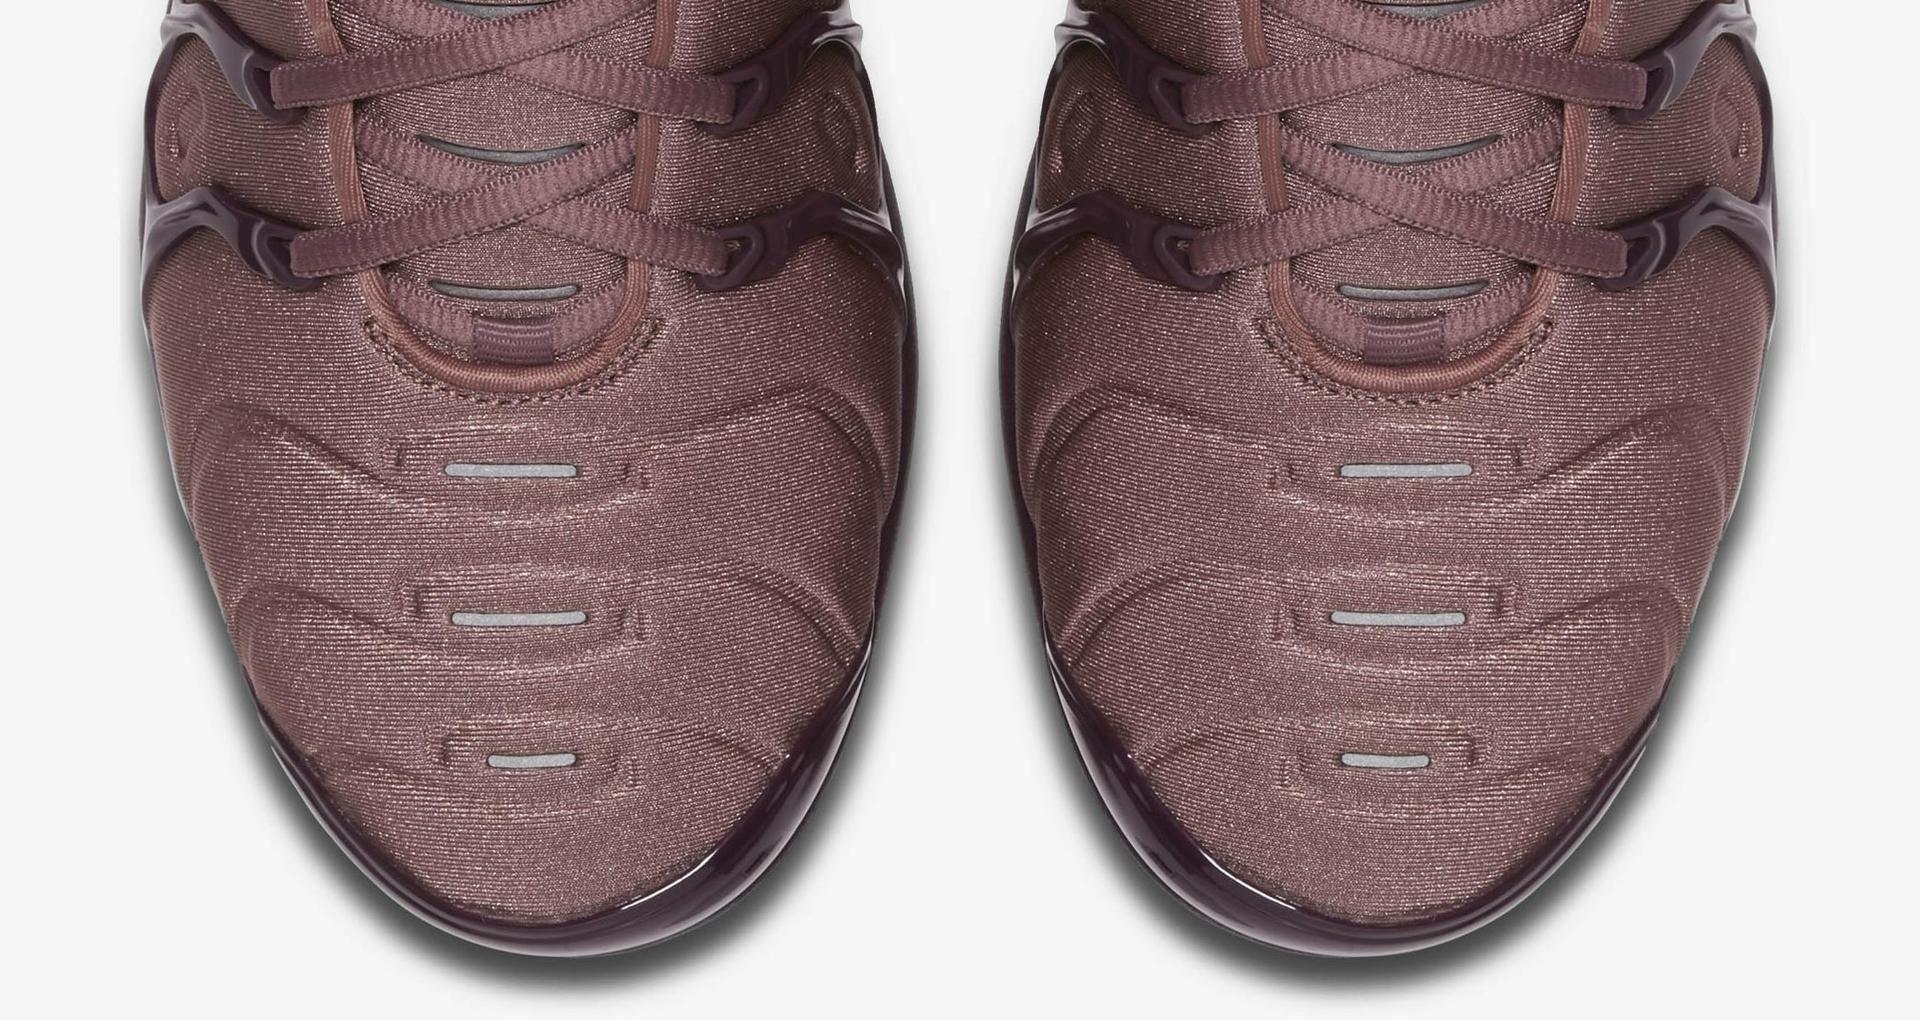 9664715d1f6 Women s Air Vapormax Plus  Smokey Mauve   Bordeaux  Release Date ...